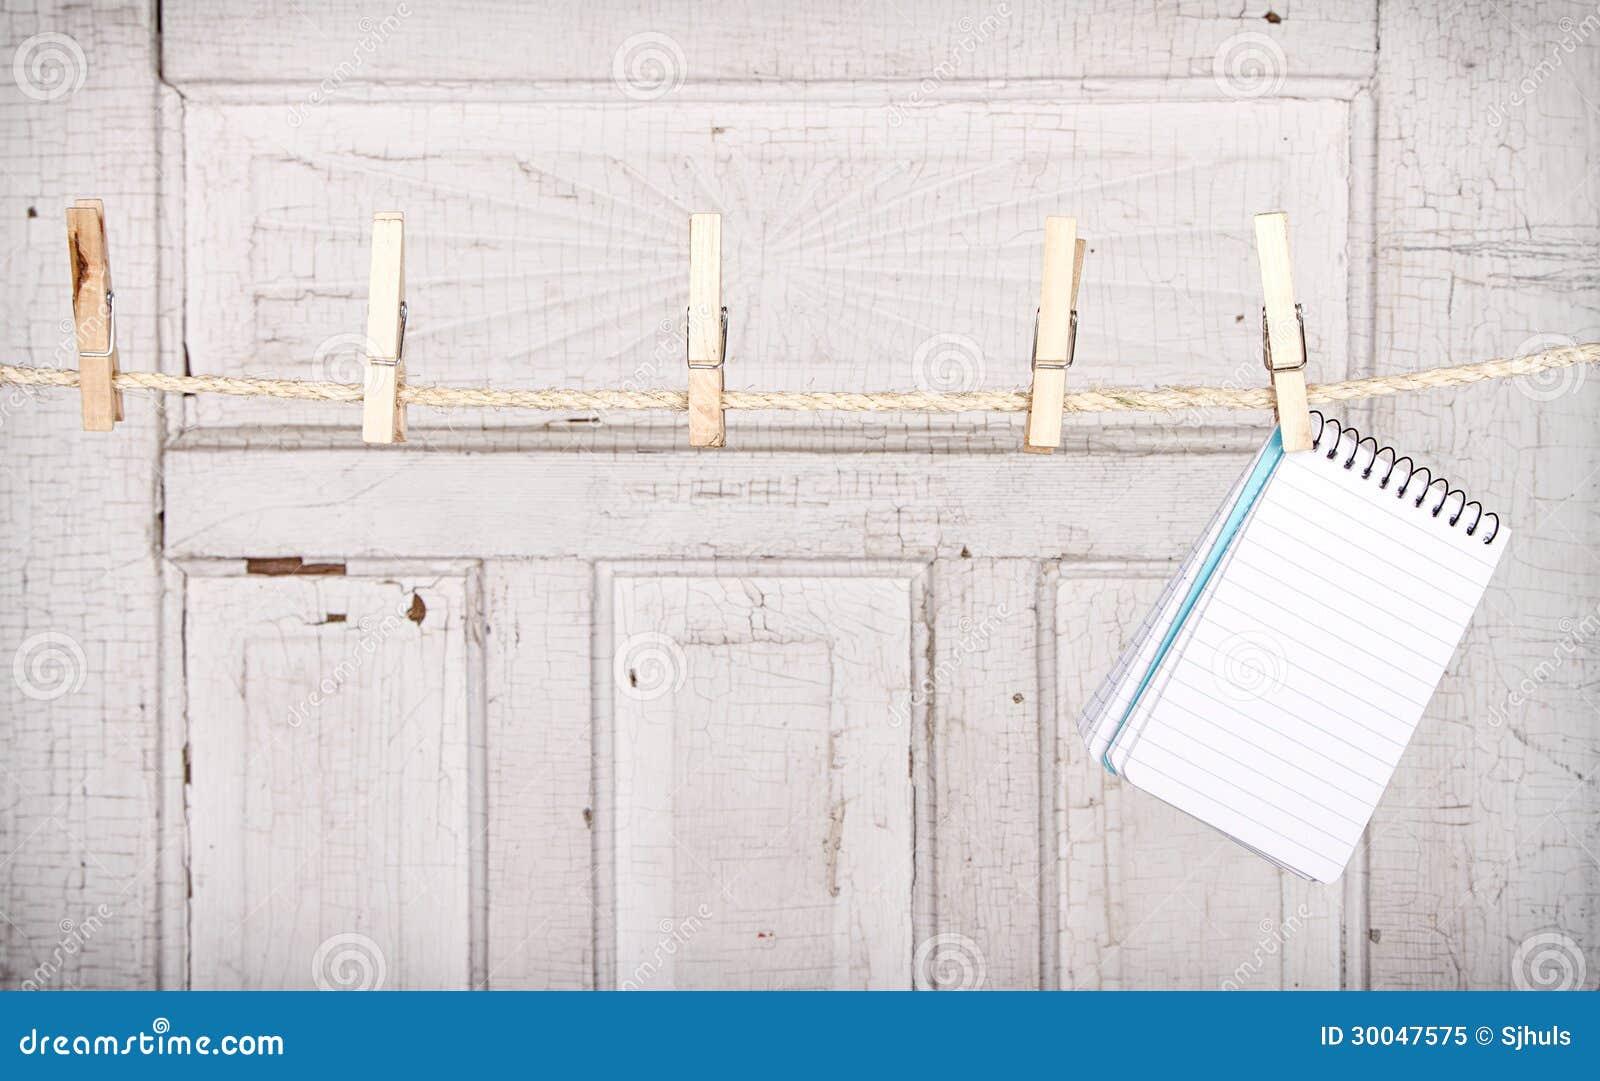 Cuaderno de notas que cuelga de una línea de ropa